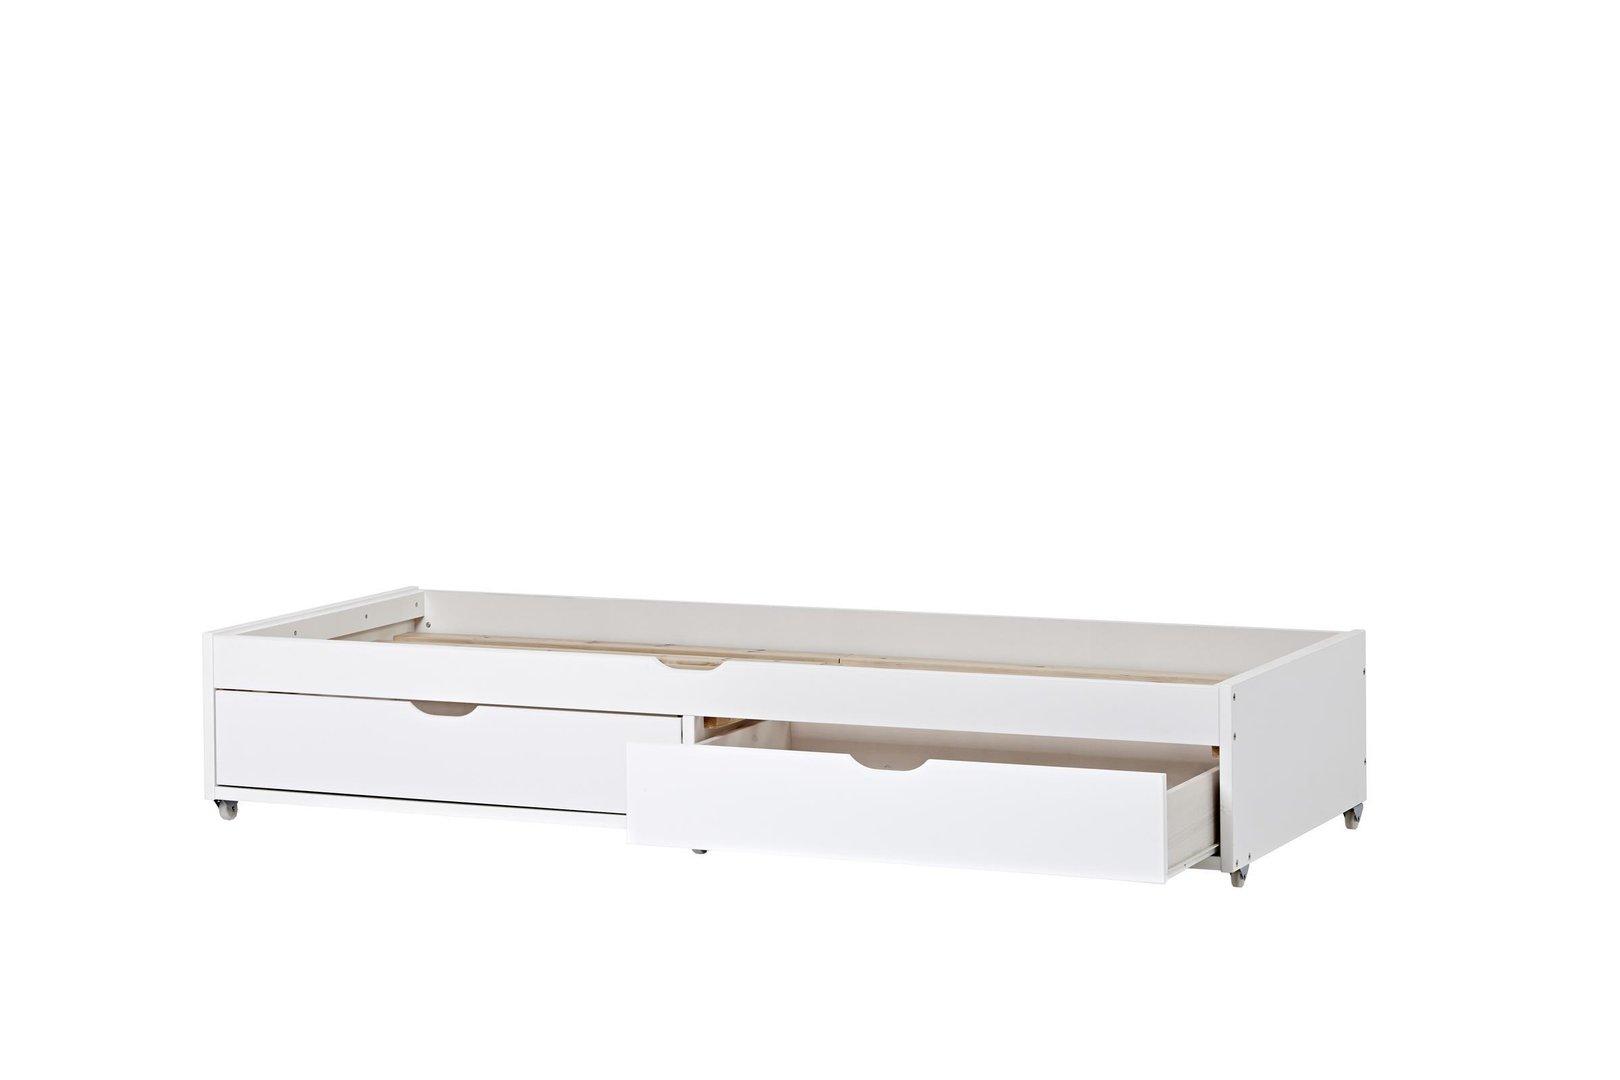 Noah deluxe a5 1 con cama nido y cajones camas y literas for Cama nido con dos camas y cajones